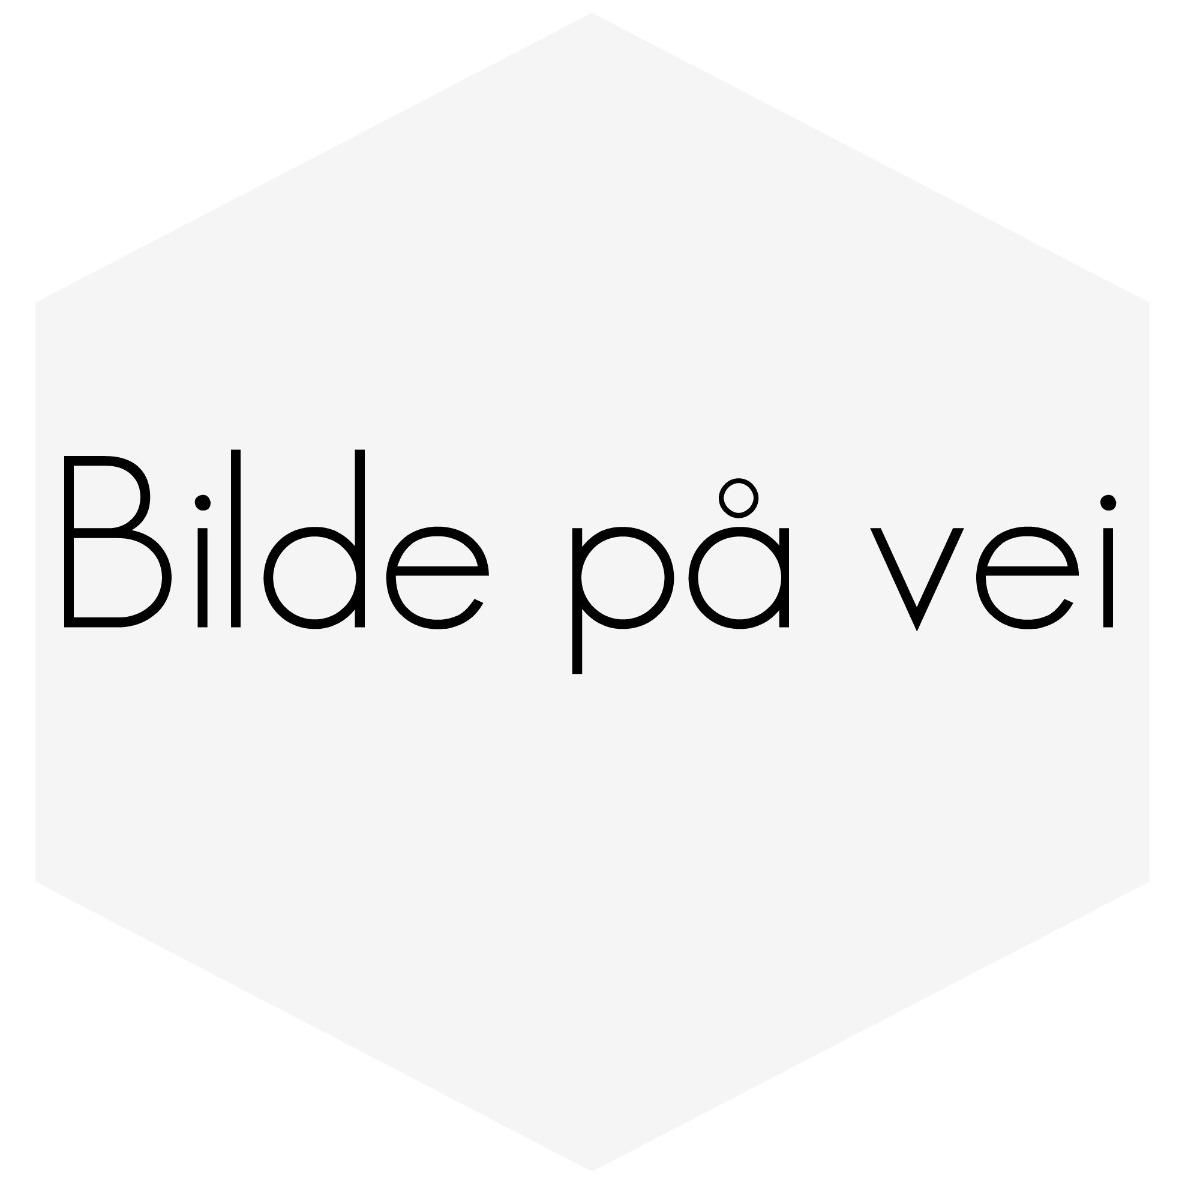 JAKKE SPARCO JAKKE GÅR/SORT STR SMAL  Ryddesalg